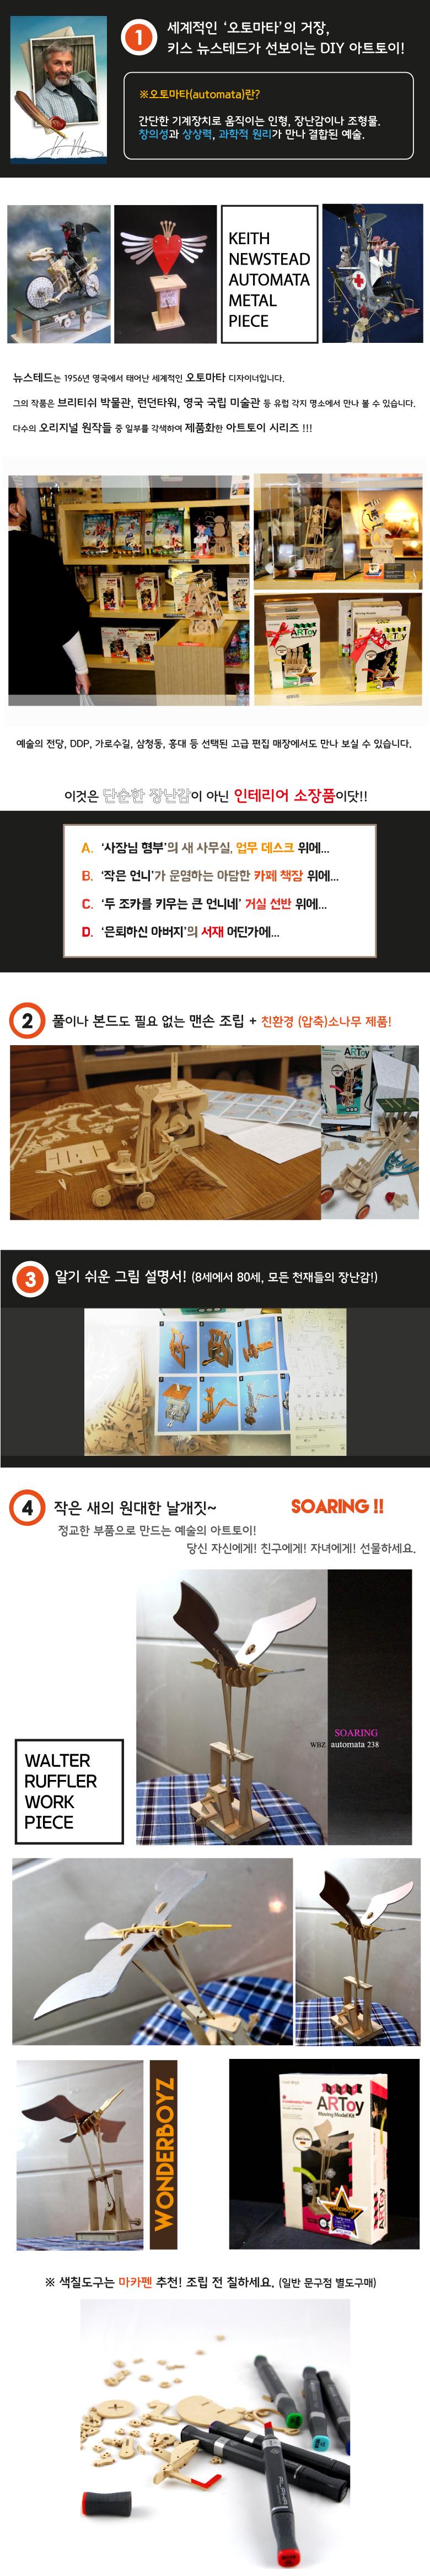 원대한 날개짓 쏘어링-Soaring - 원더보이즈, 23,800원, 우드 토이, DIY세트